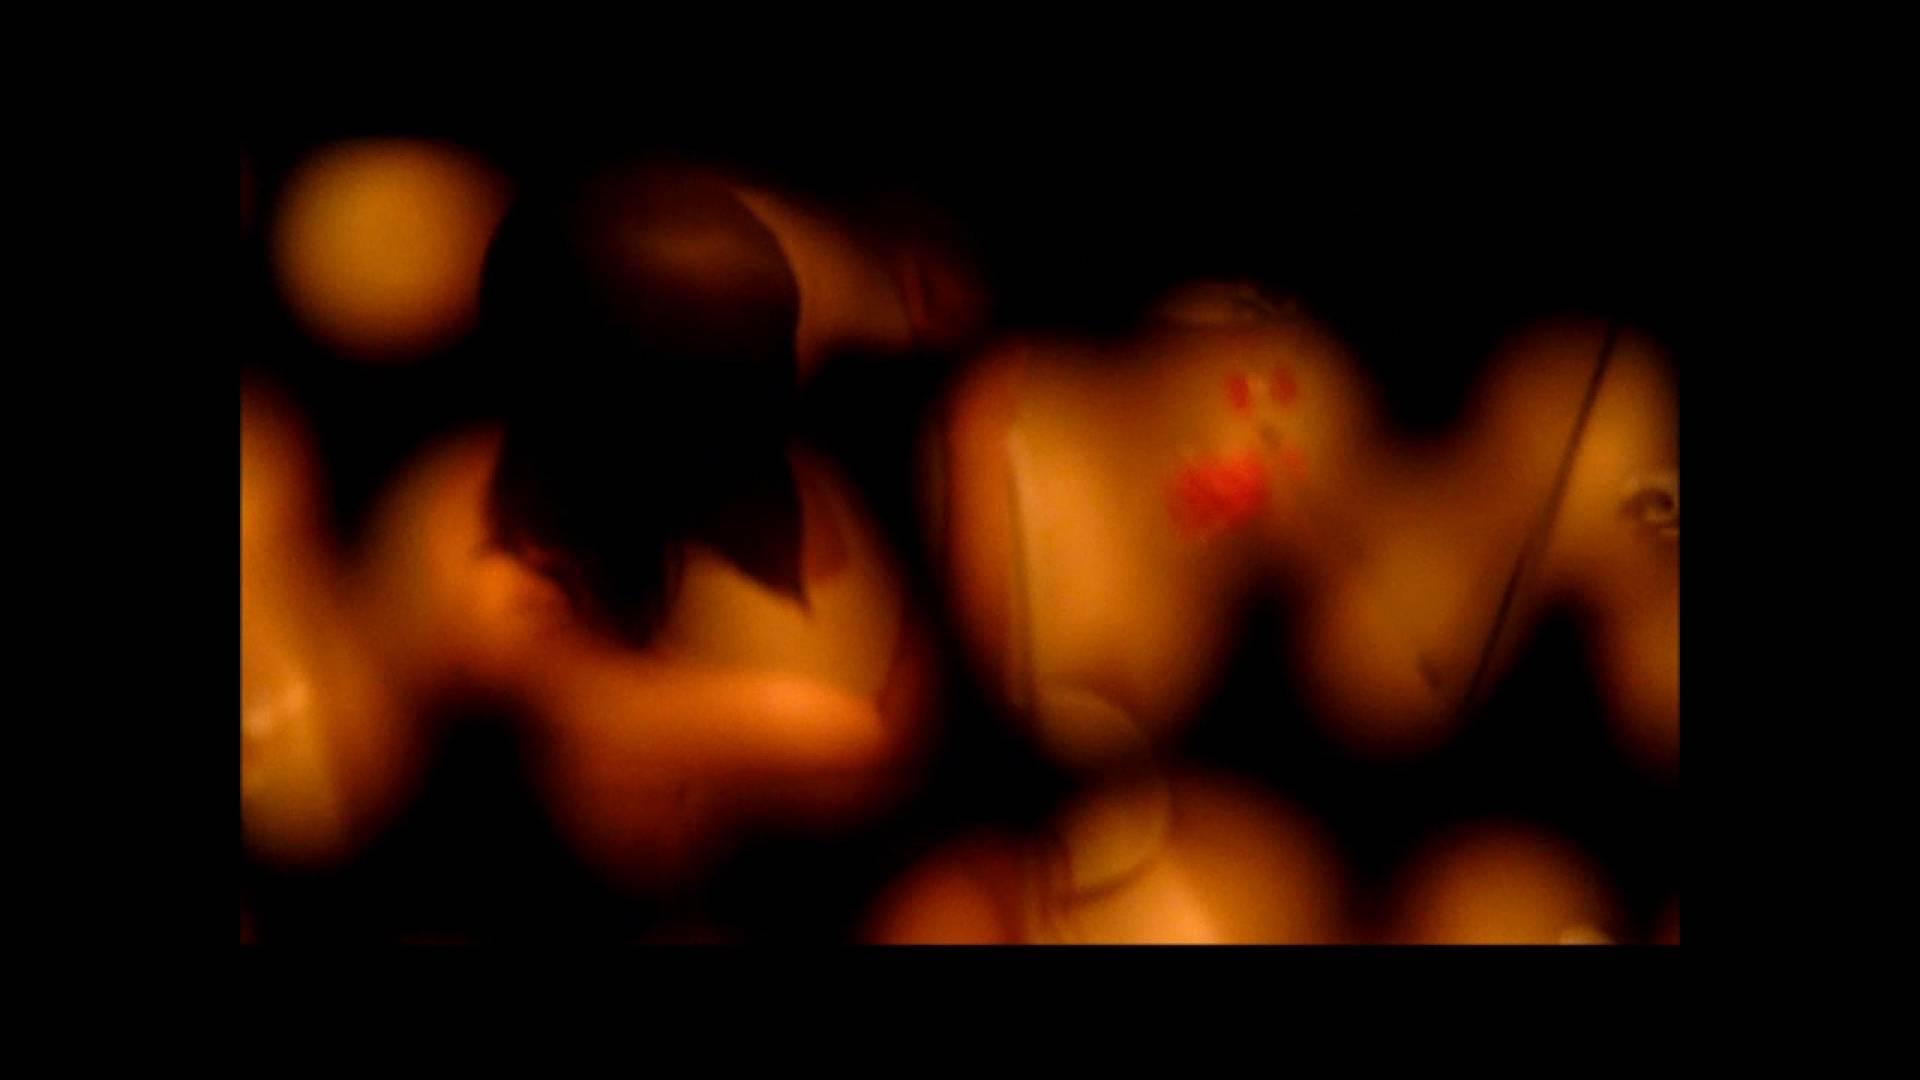 【02】ベランダに侵入して張り込みを始めて・・・やっと結果が出ました。 現役ギャル セックス無修正動画無料 79pic 77